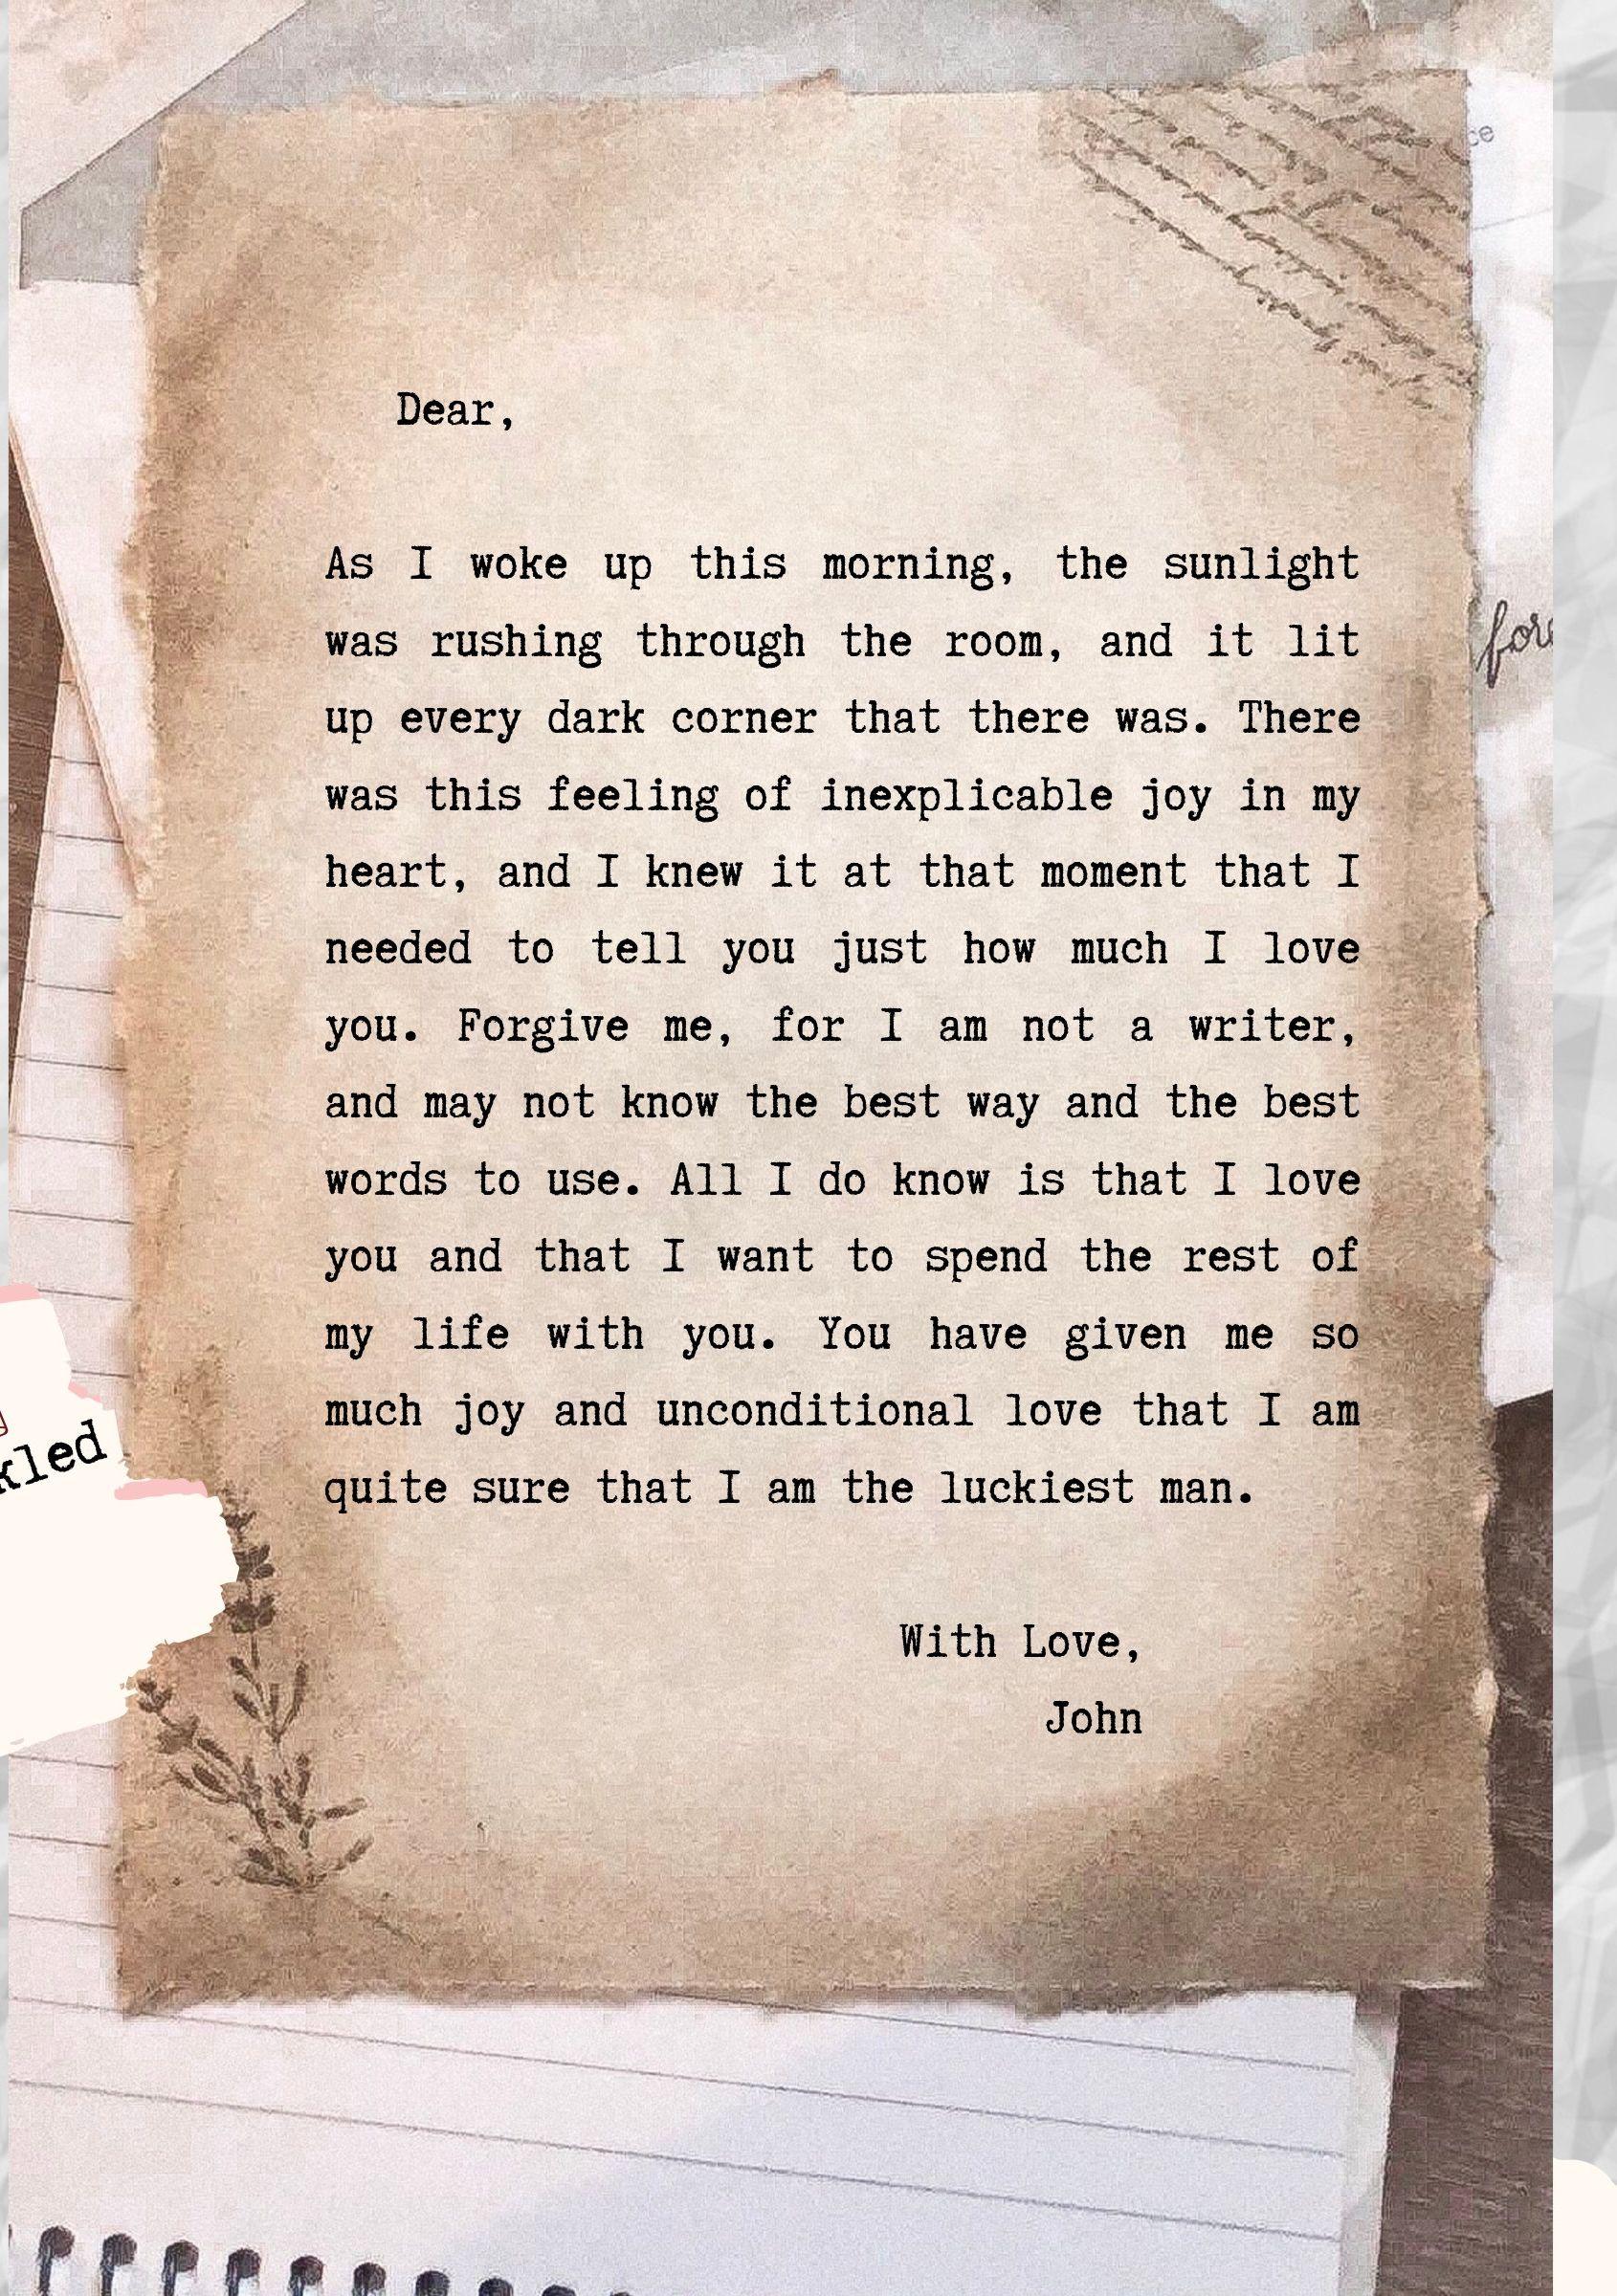 Long Love Letter For Boyfriend Love Letter For Boyfriend Letters To Boyfriend Love Letters To Your Boyfriend